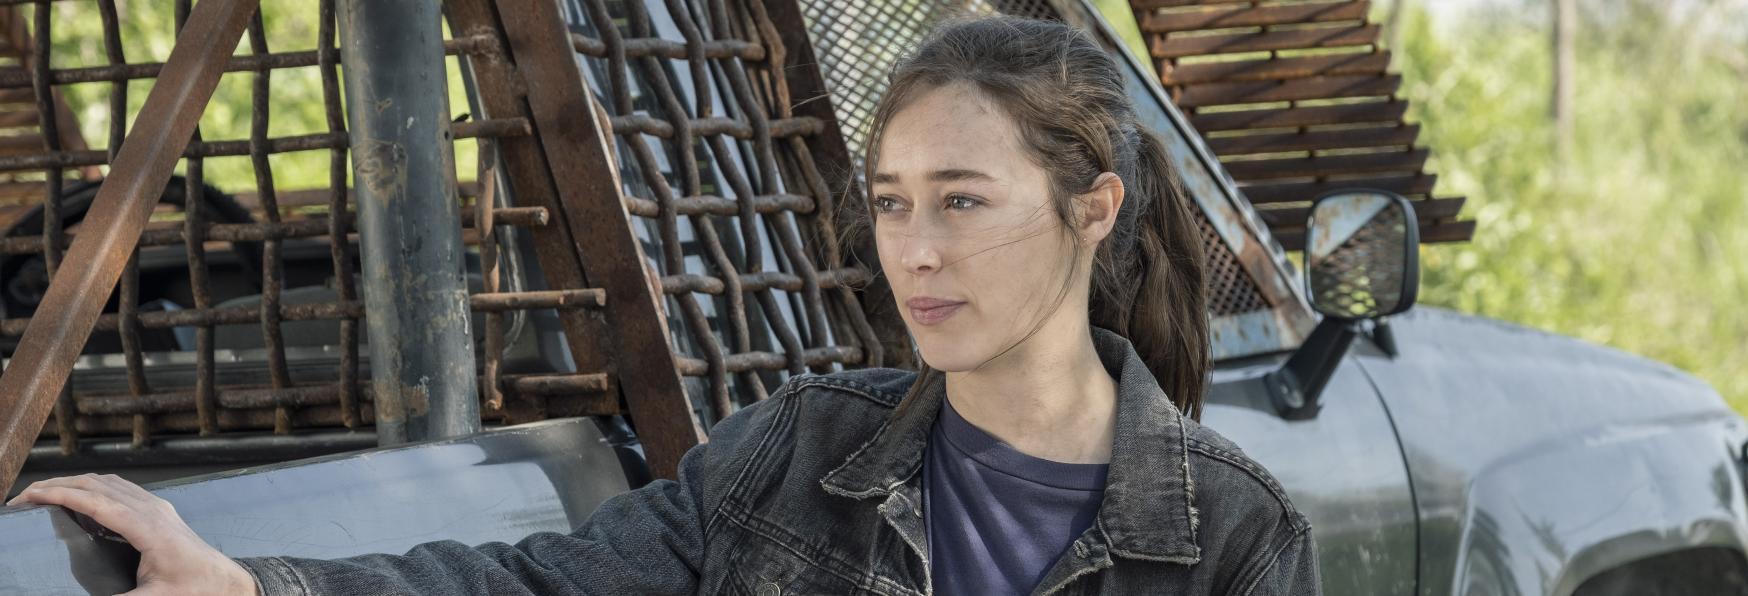 Fear the Walking Dead 7 in Produzione: svelata la prima Foto!